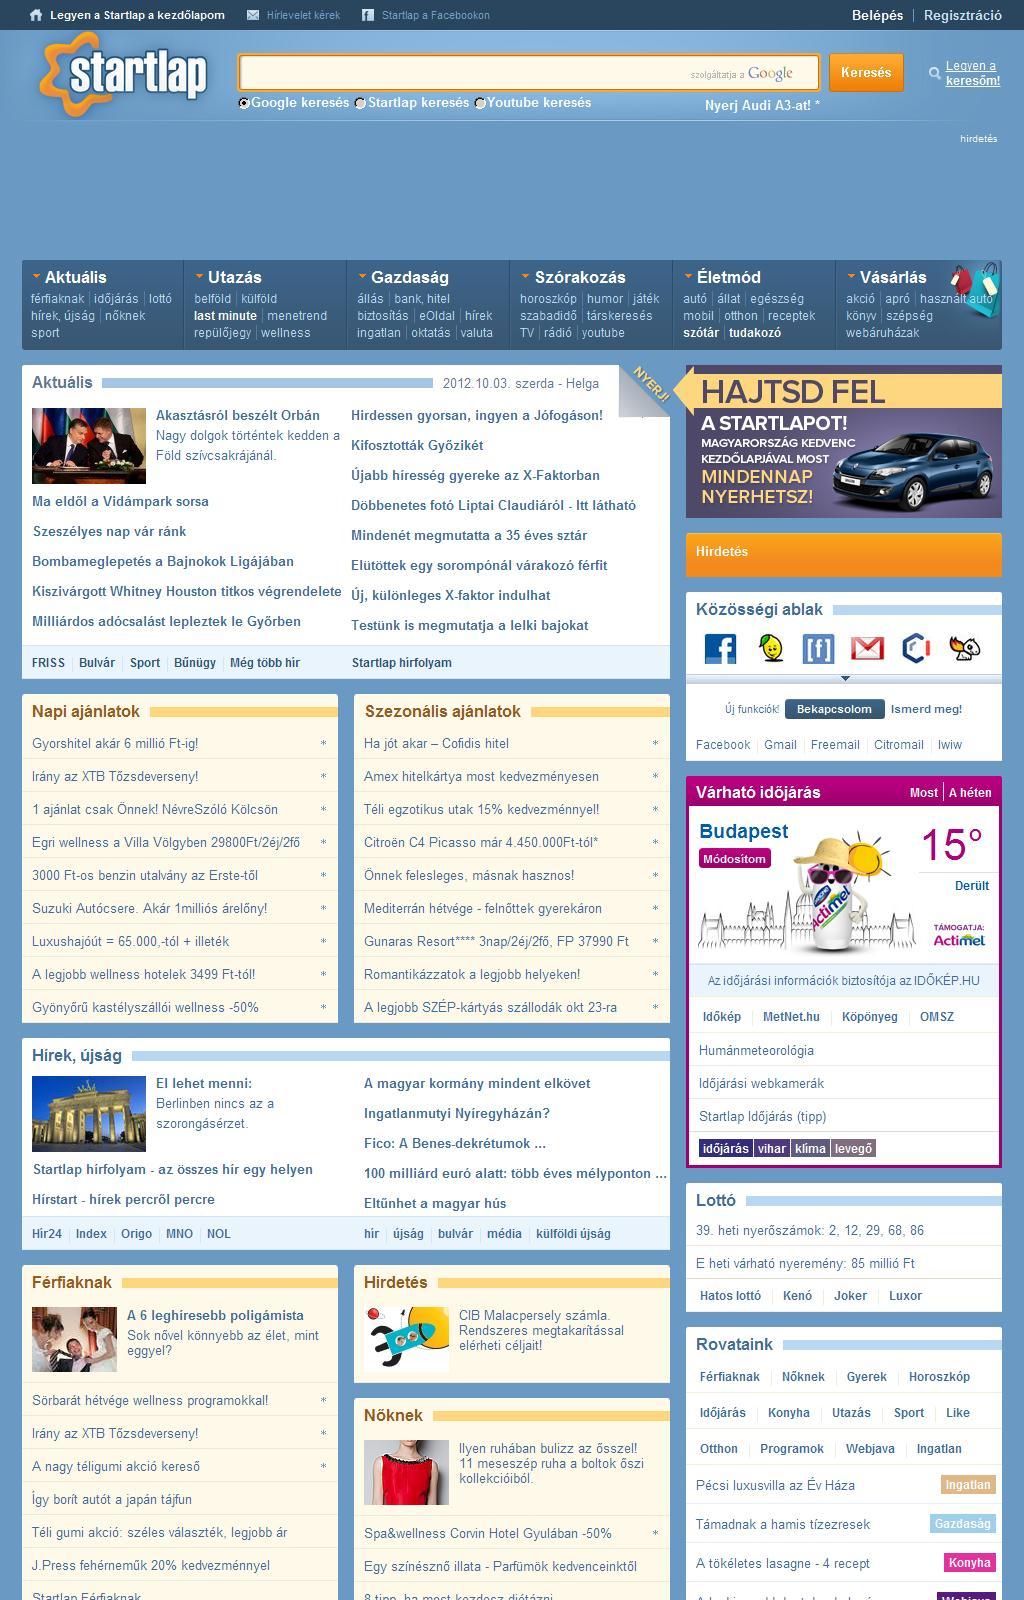 Startlap - www.startlap.hu